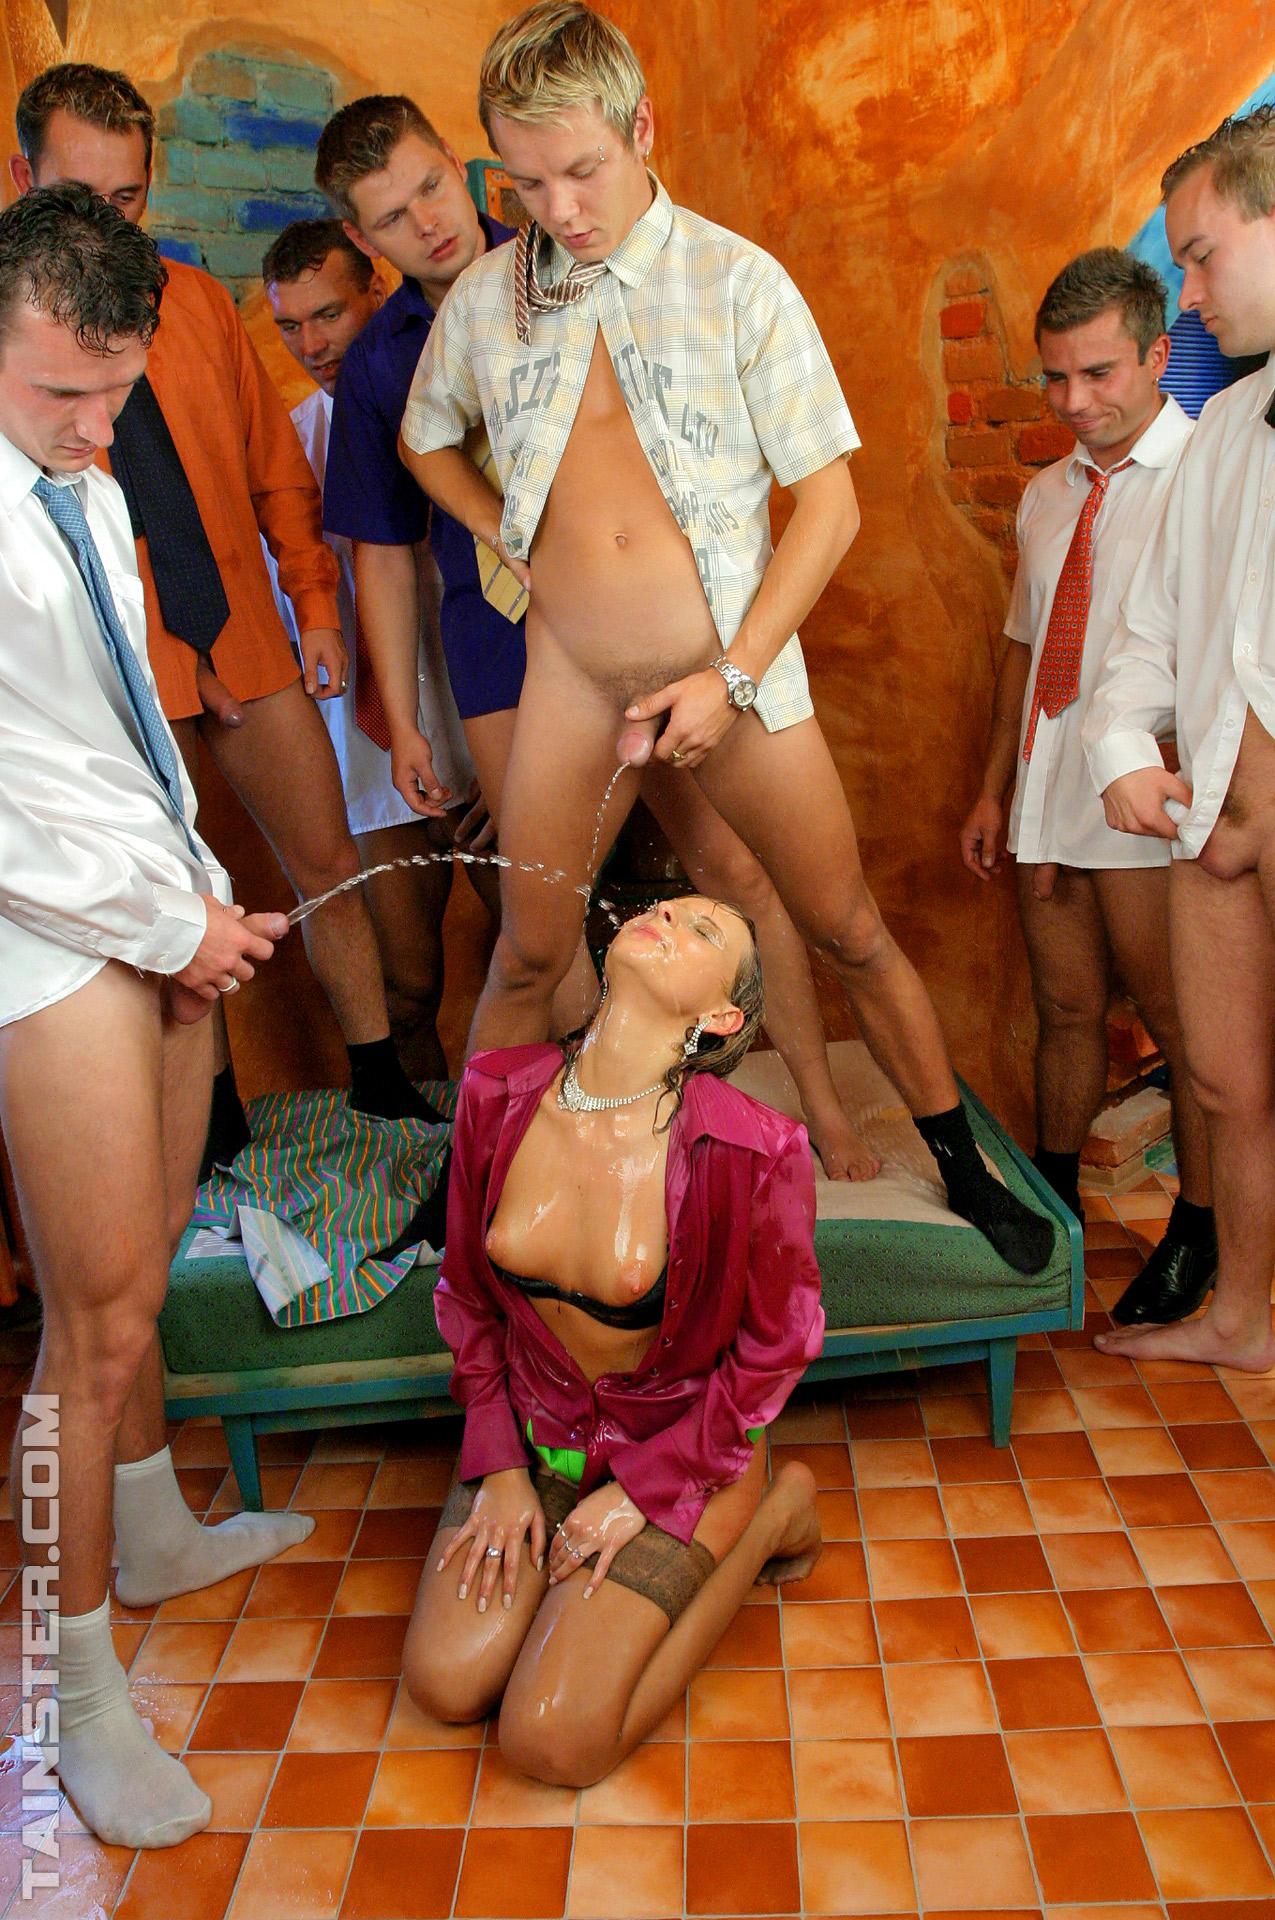 Юноши с голыми хуями обоссали озабочку. Фото - 11